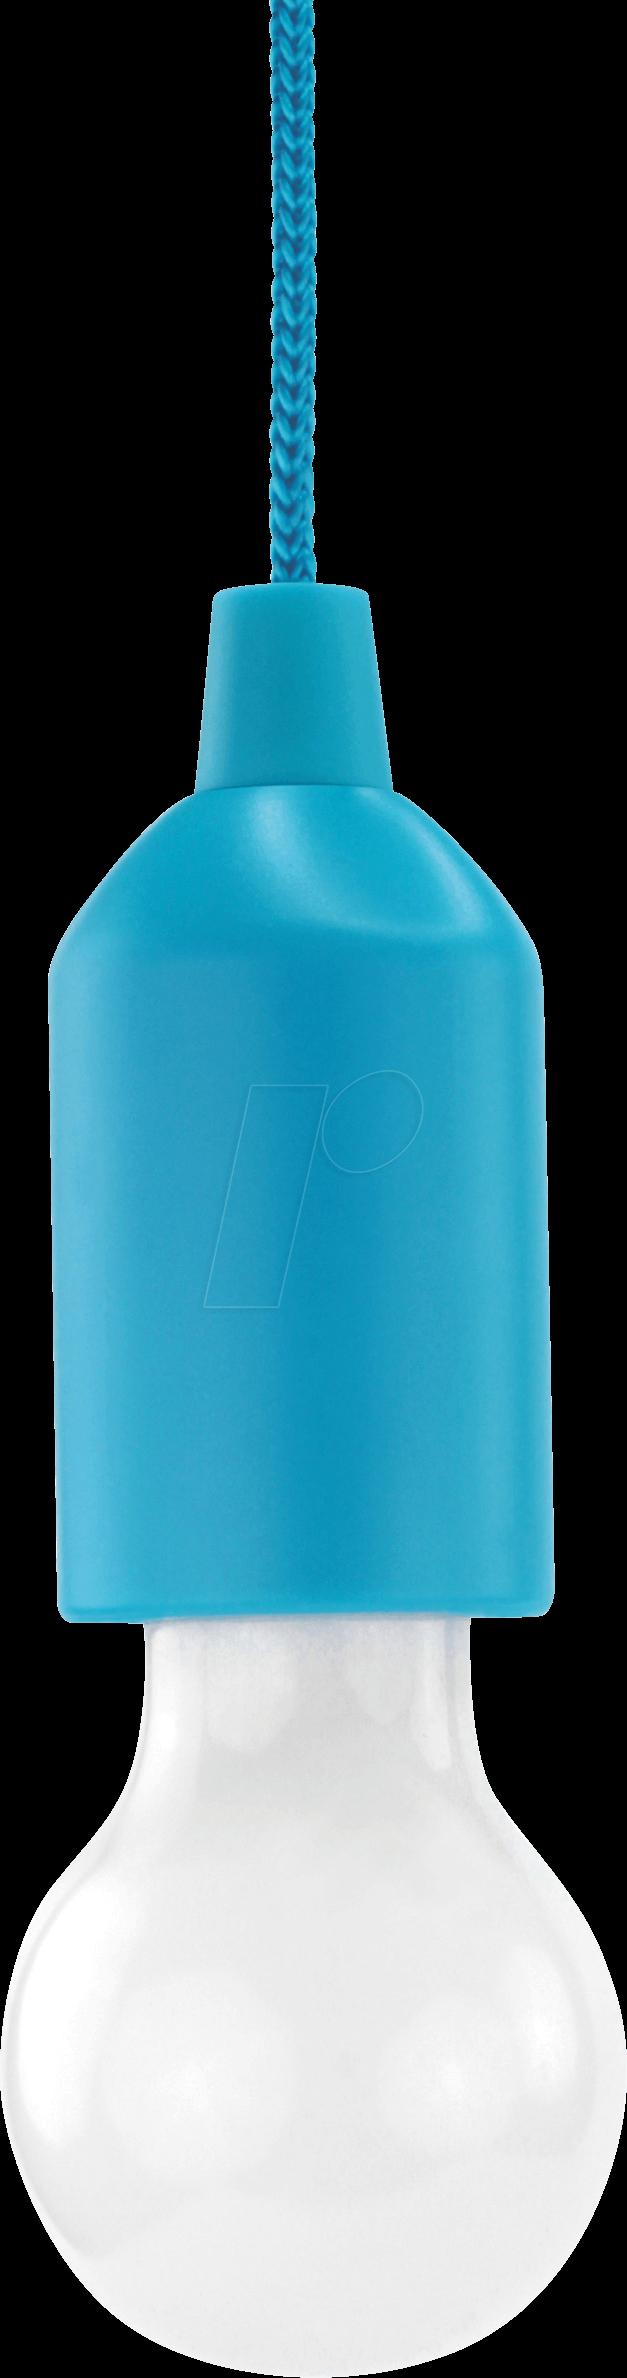 ANS 1600-0174 - Pendelleuchte mit Batterie, PL1W, 25 lm, blau, 3x AAA (Micro)